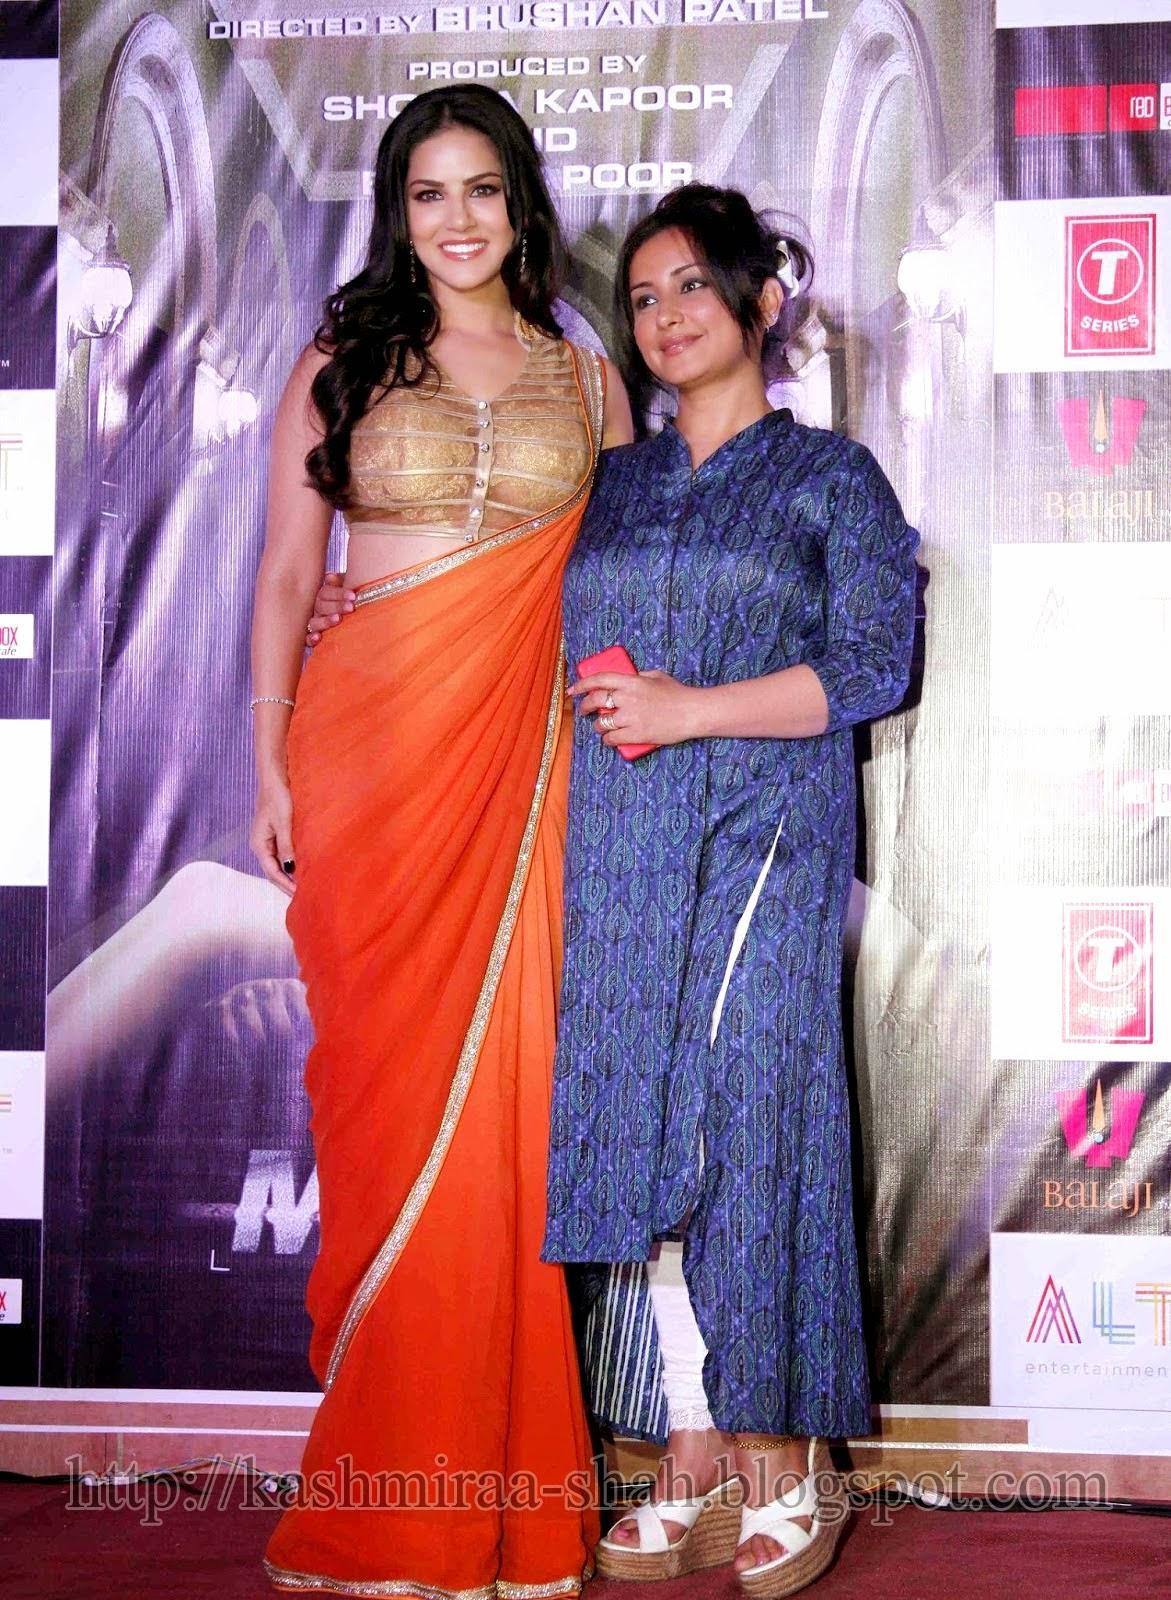 Divya dutta boobs wardrobe malfuction desi gand signup free at wwwdesiflimsxyz - 2 1